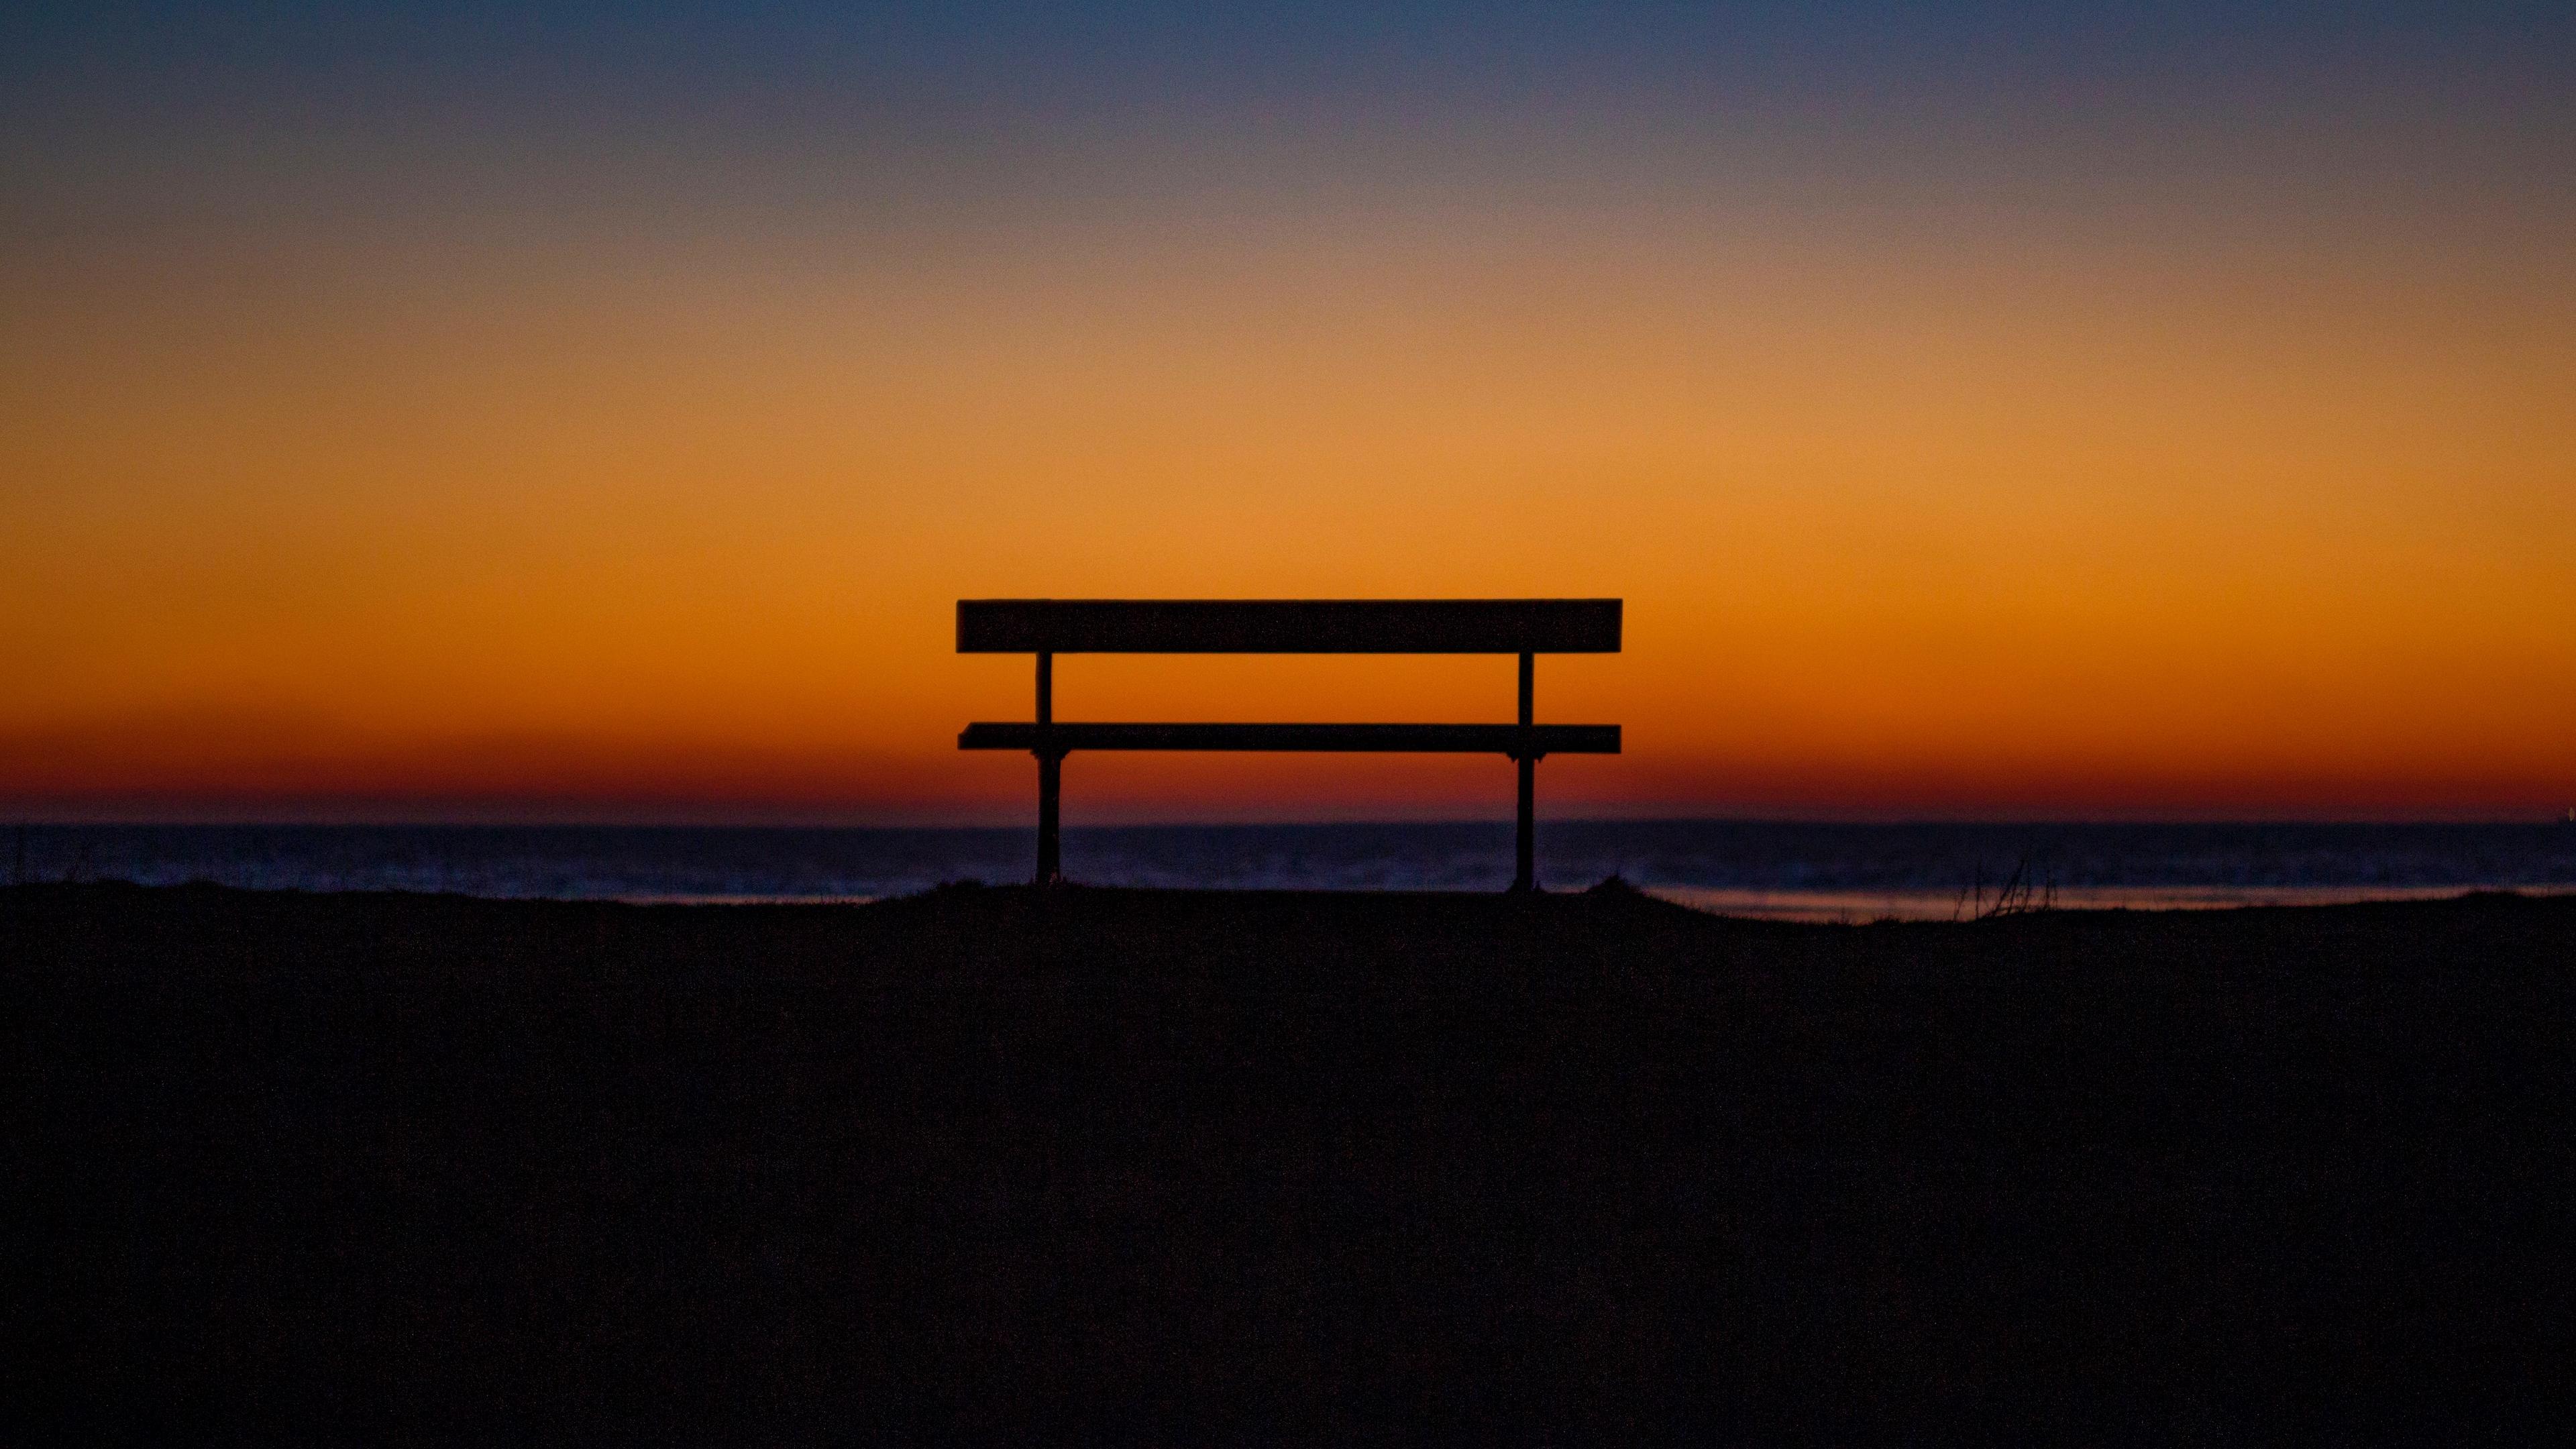 bench sky horizon 4k 1540575283 - bench, sky, horizon 4k - Sky, Horizon, Bench